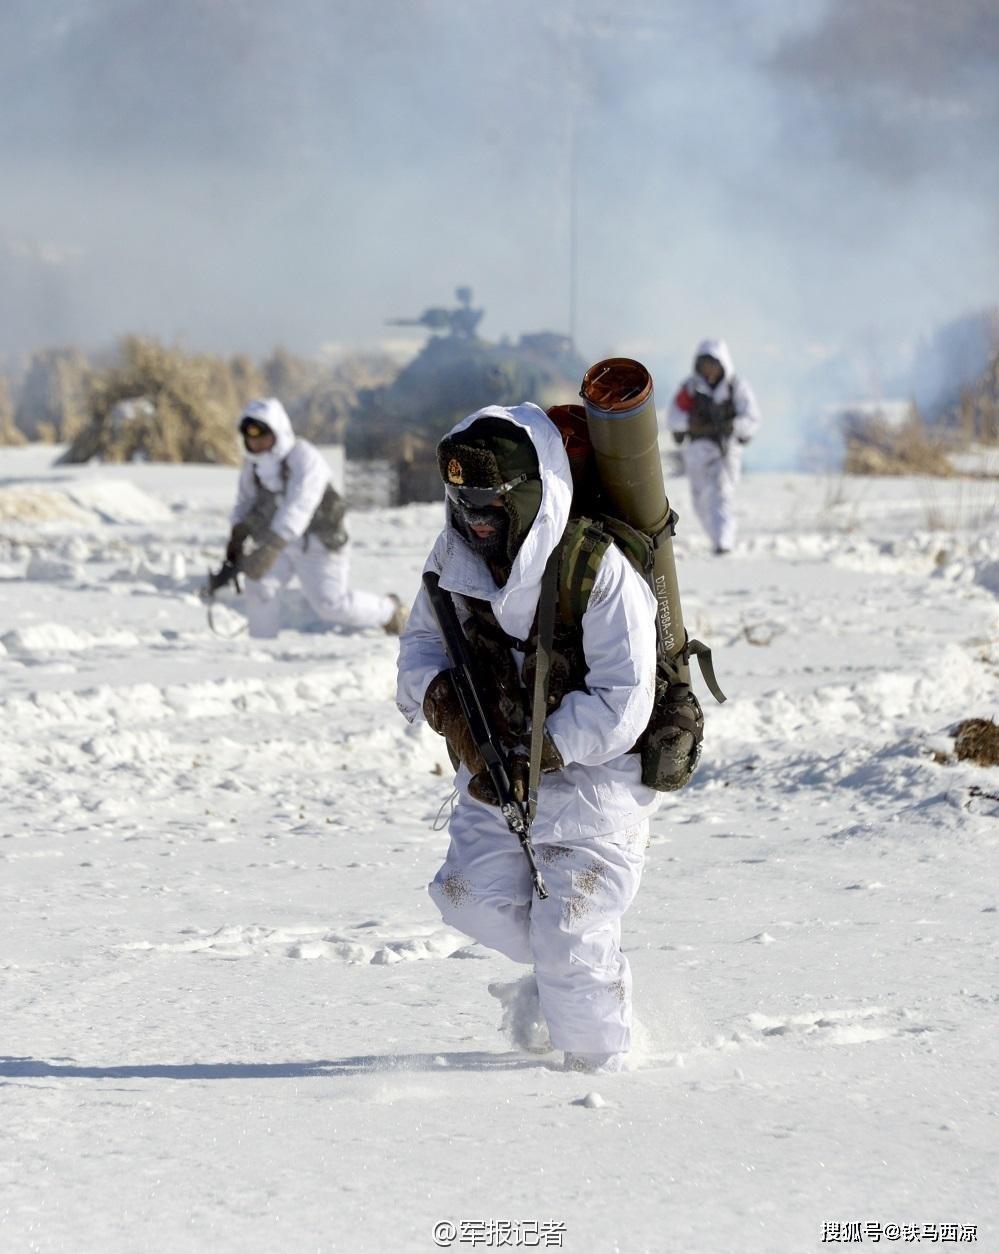 中印邊界部隊再傳發生肢體衝突,有人受傷。圖為解放軍的高原部隊。(解放軍報)